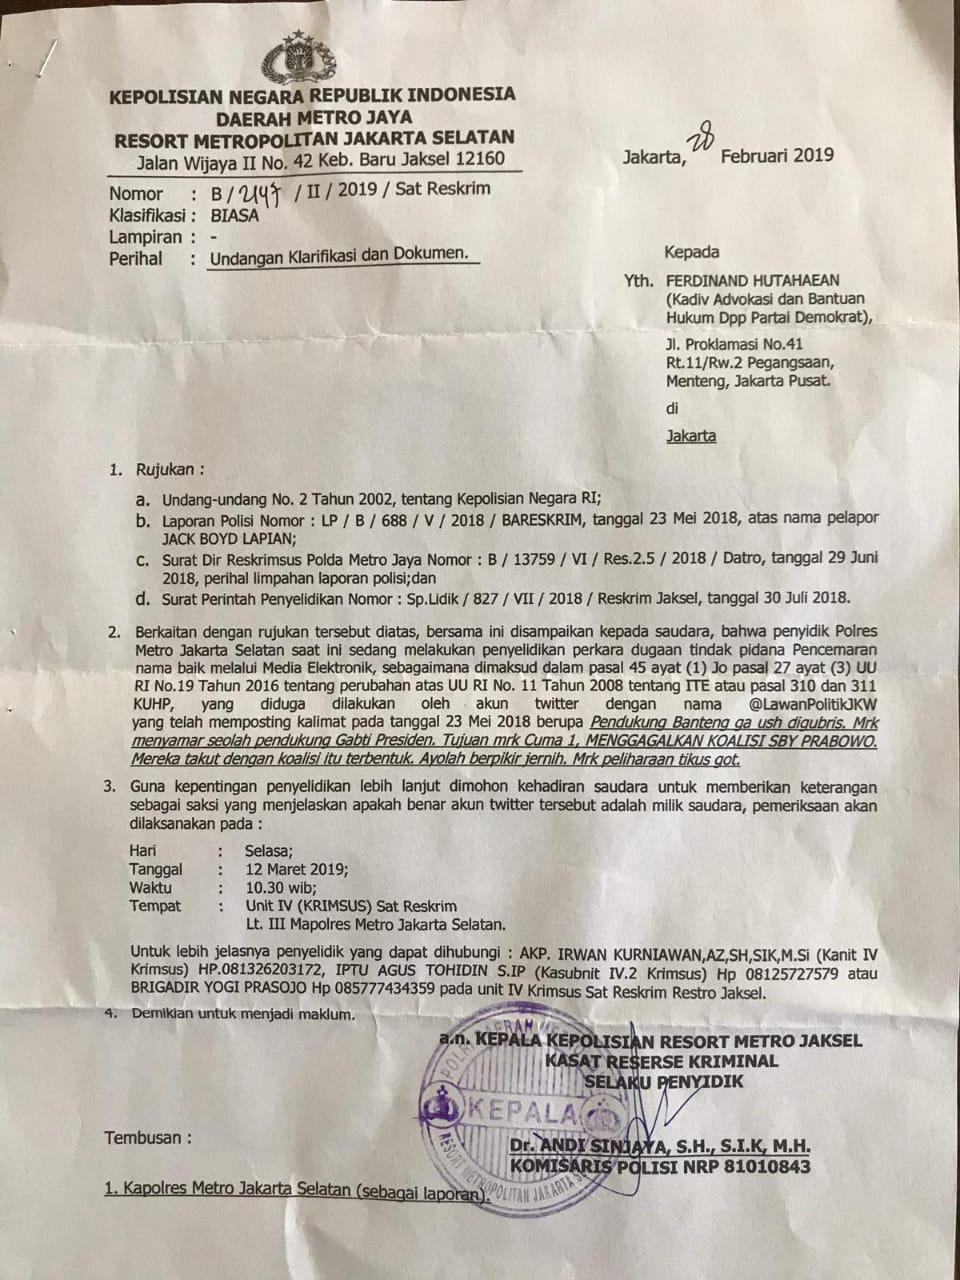 Surat Polisi Beredar Ferdinand Hutahean Dipanggil Untuk Klarifikasi Cuitan Ini Makassar Terkini